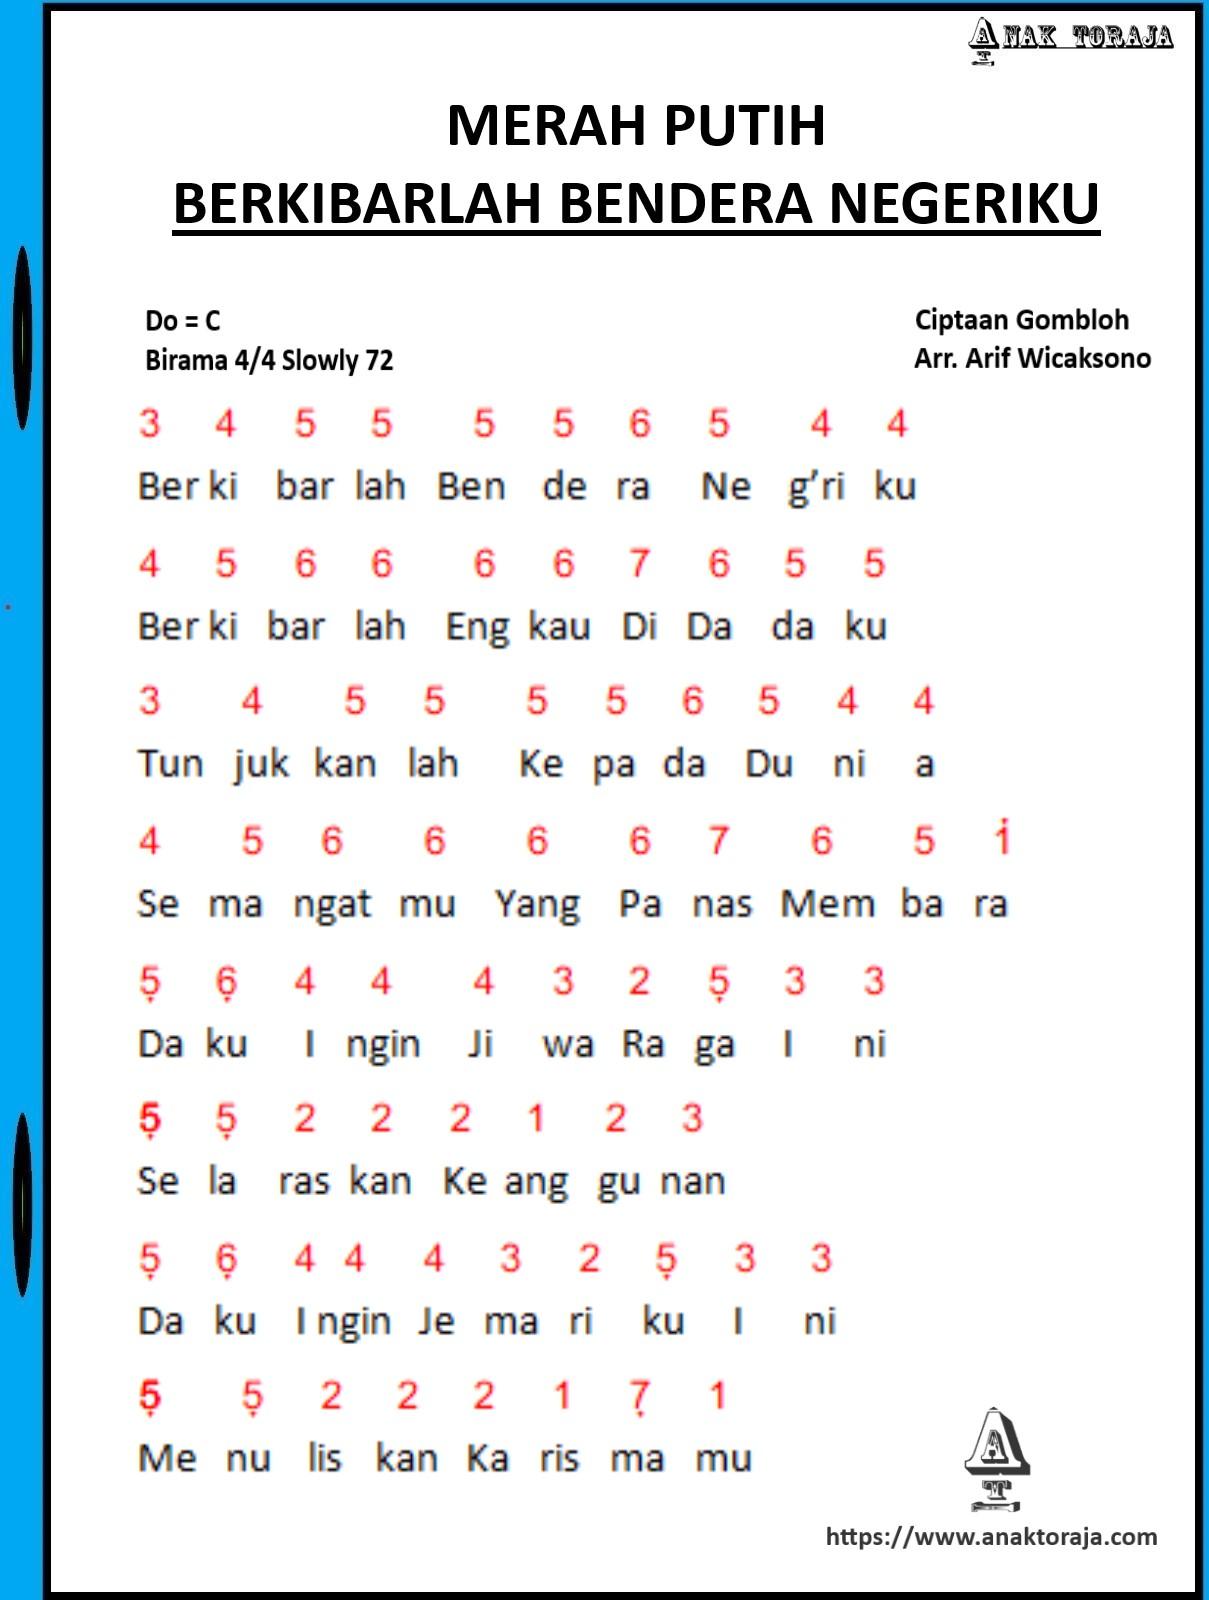 Not Angka Archives - Page 4 of 8 - Not Angka Lagu